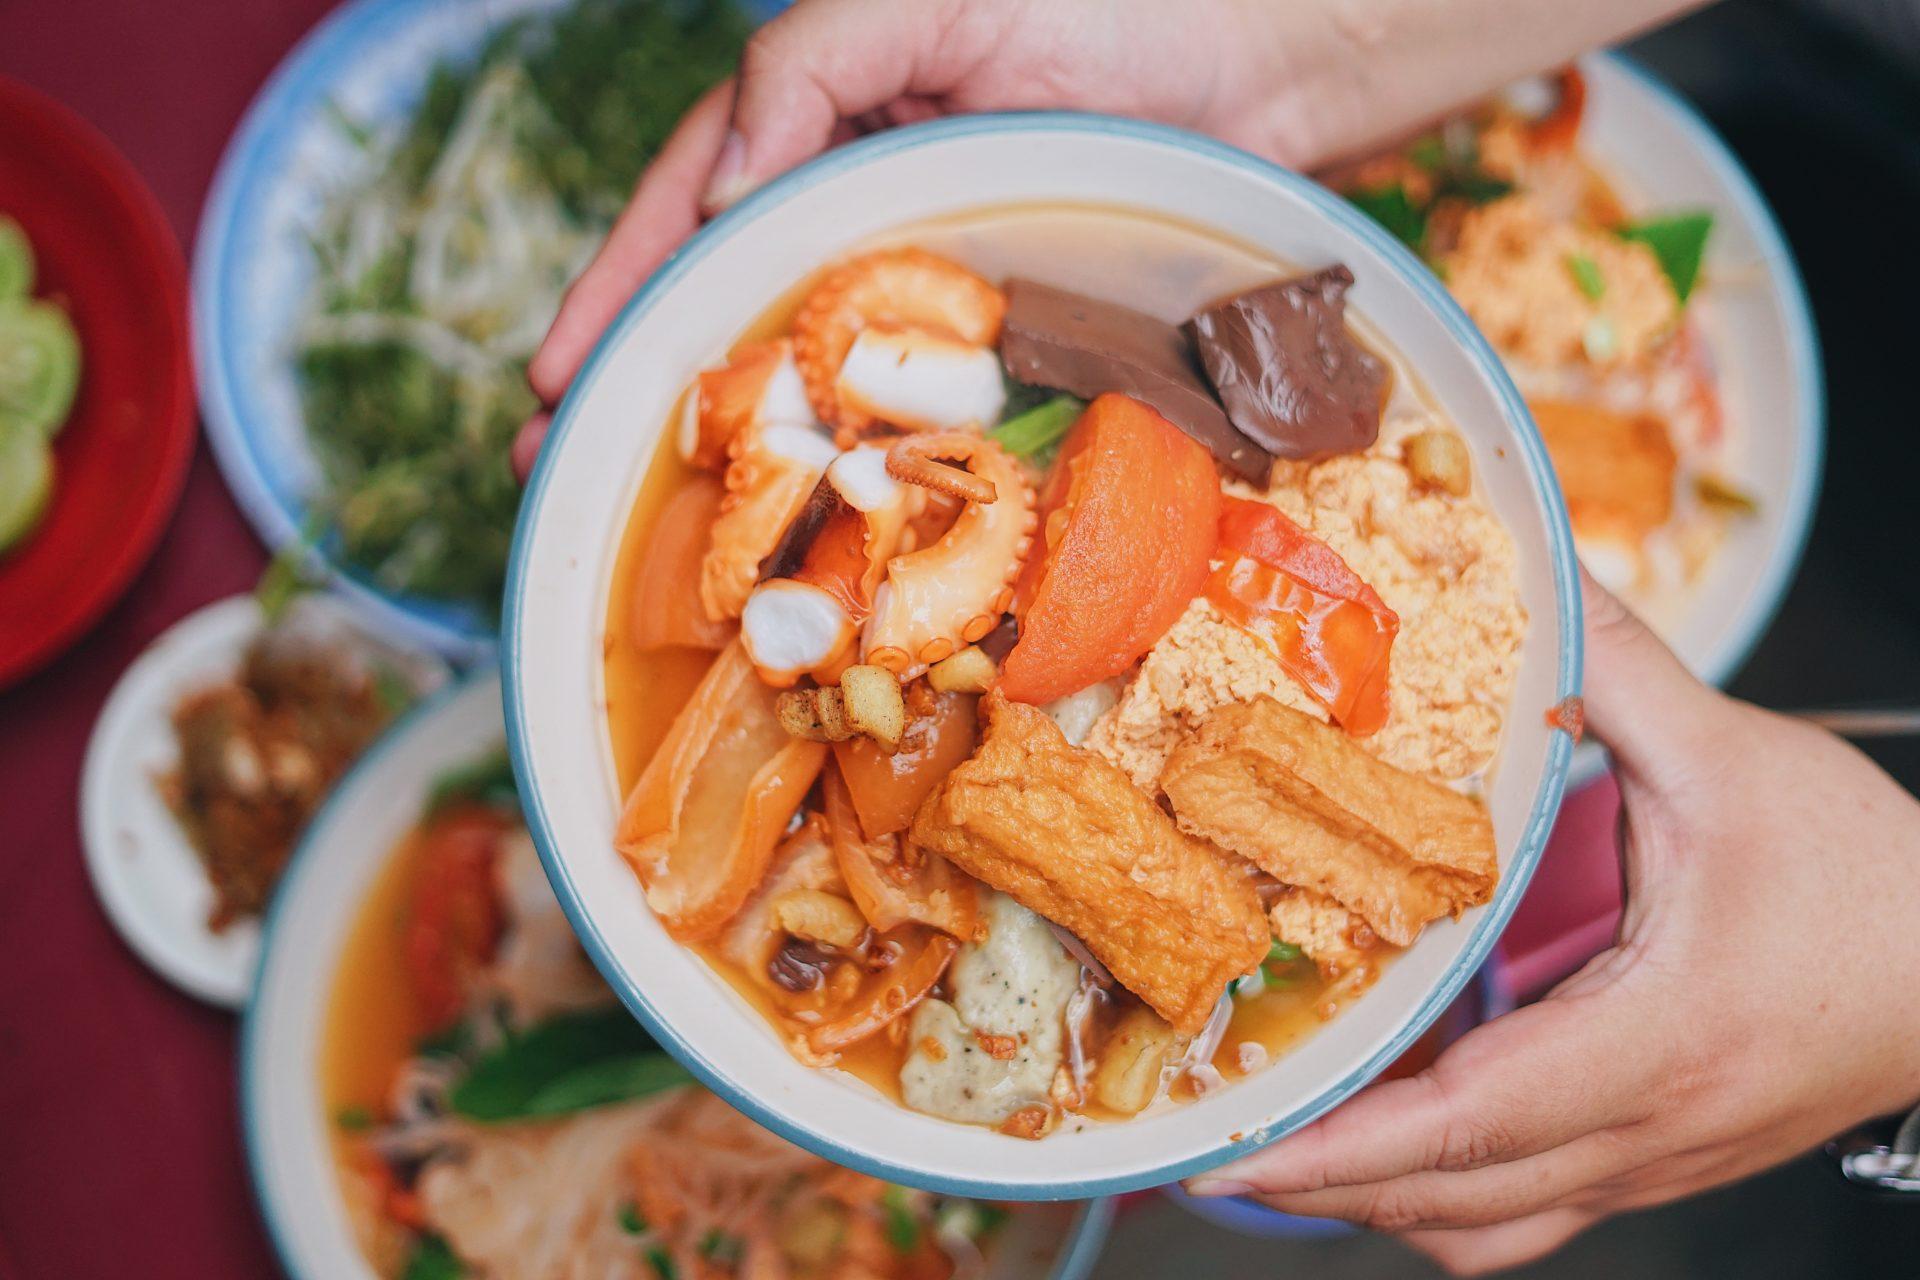 Xuýt xoa cùng Top 9 Quán Bún riêu ngon miễn chê tại Quận 1, Tp, Hồ Chí Minh